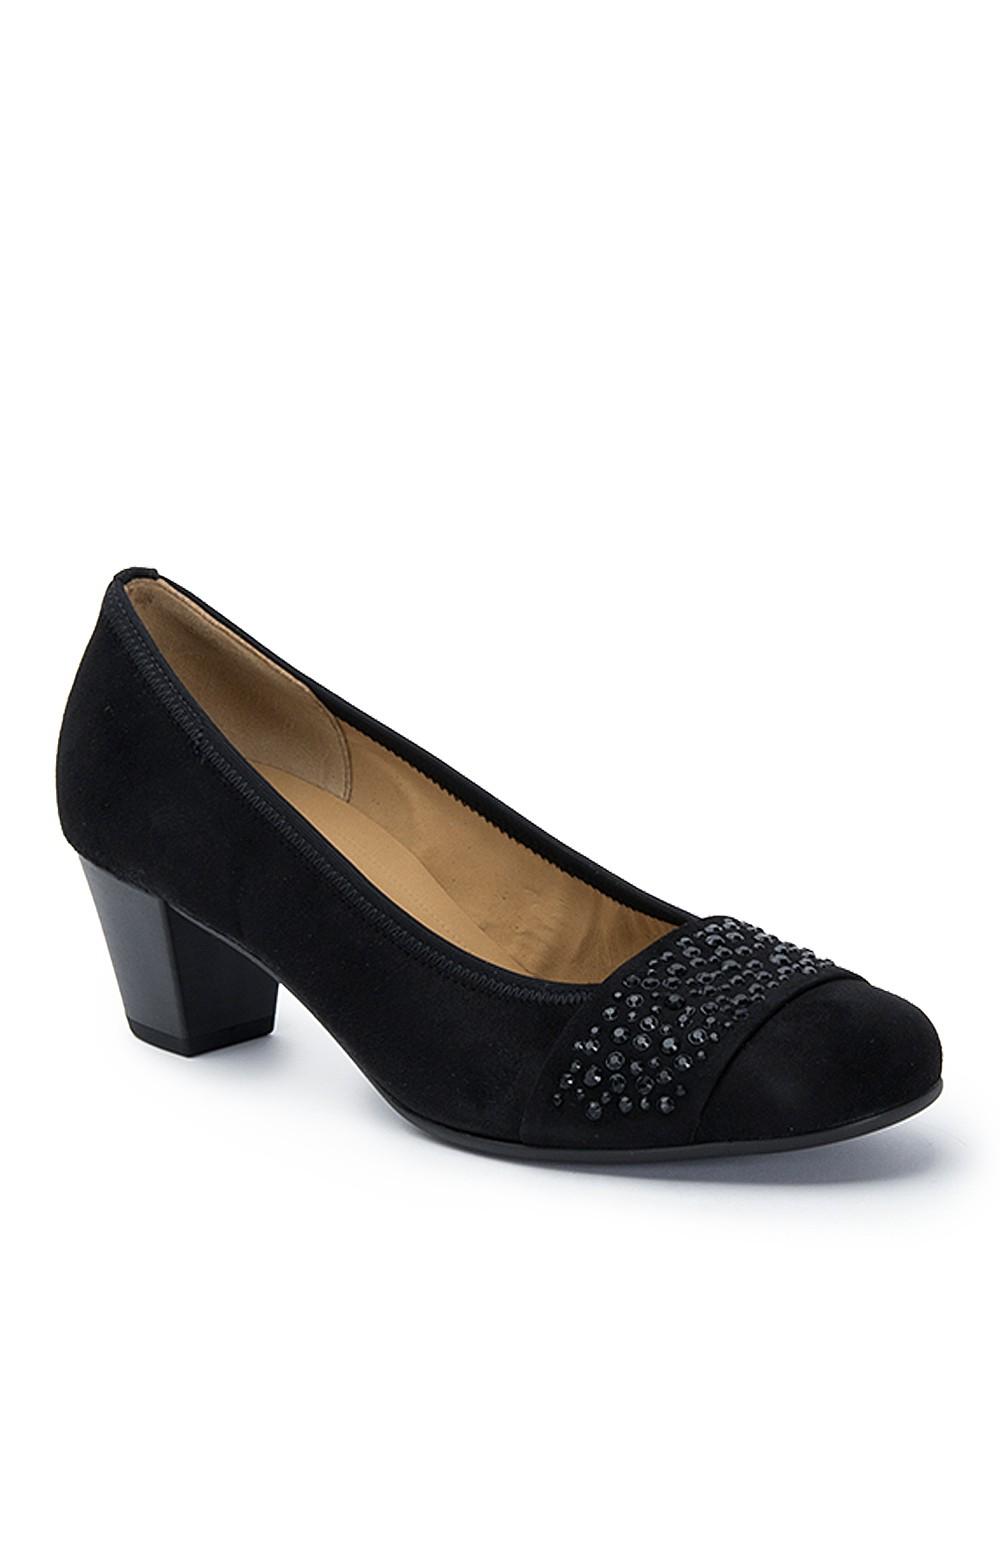 3532d8d19448c Ladies Gabor Suede Sequin Court Shoes - House of Bruar